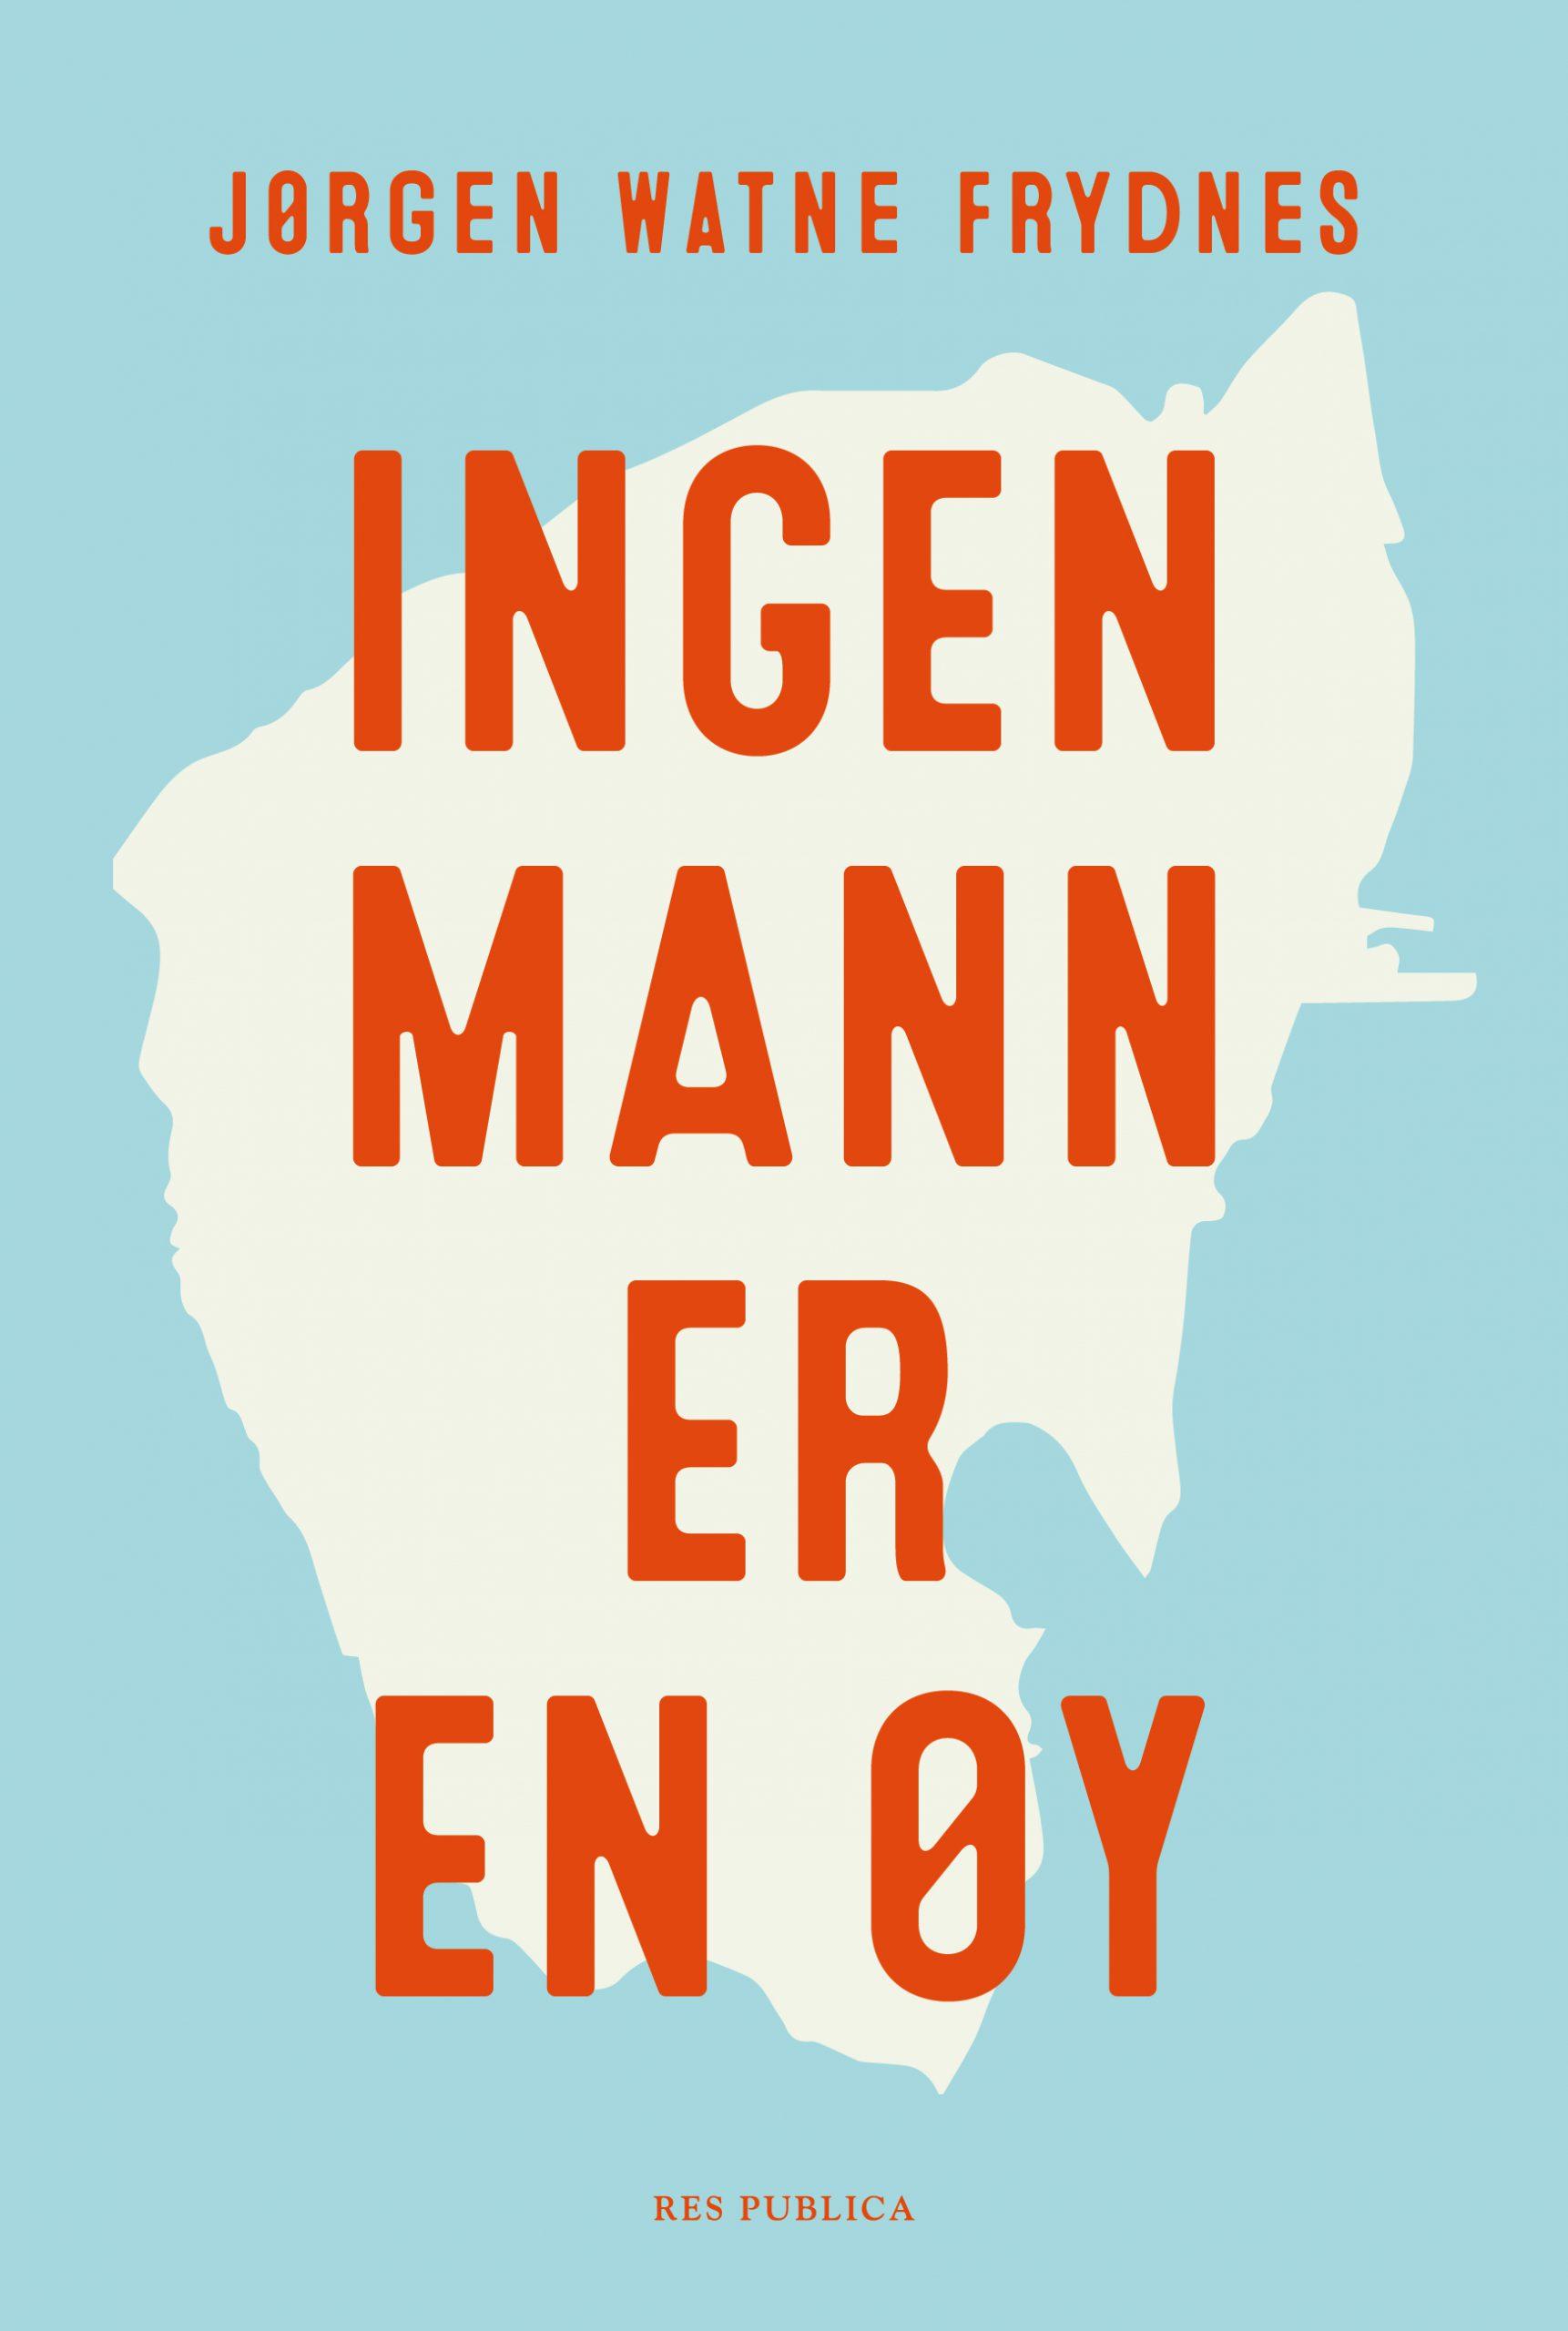 Jørgen Watne Frydnes: Ingen mann er en øy